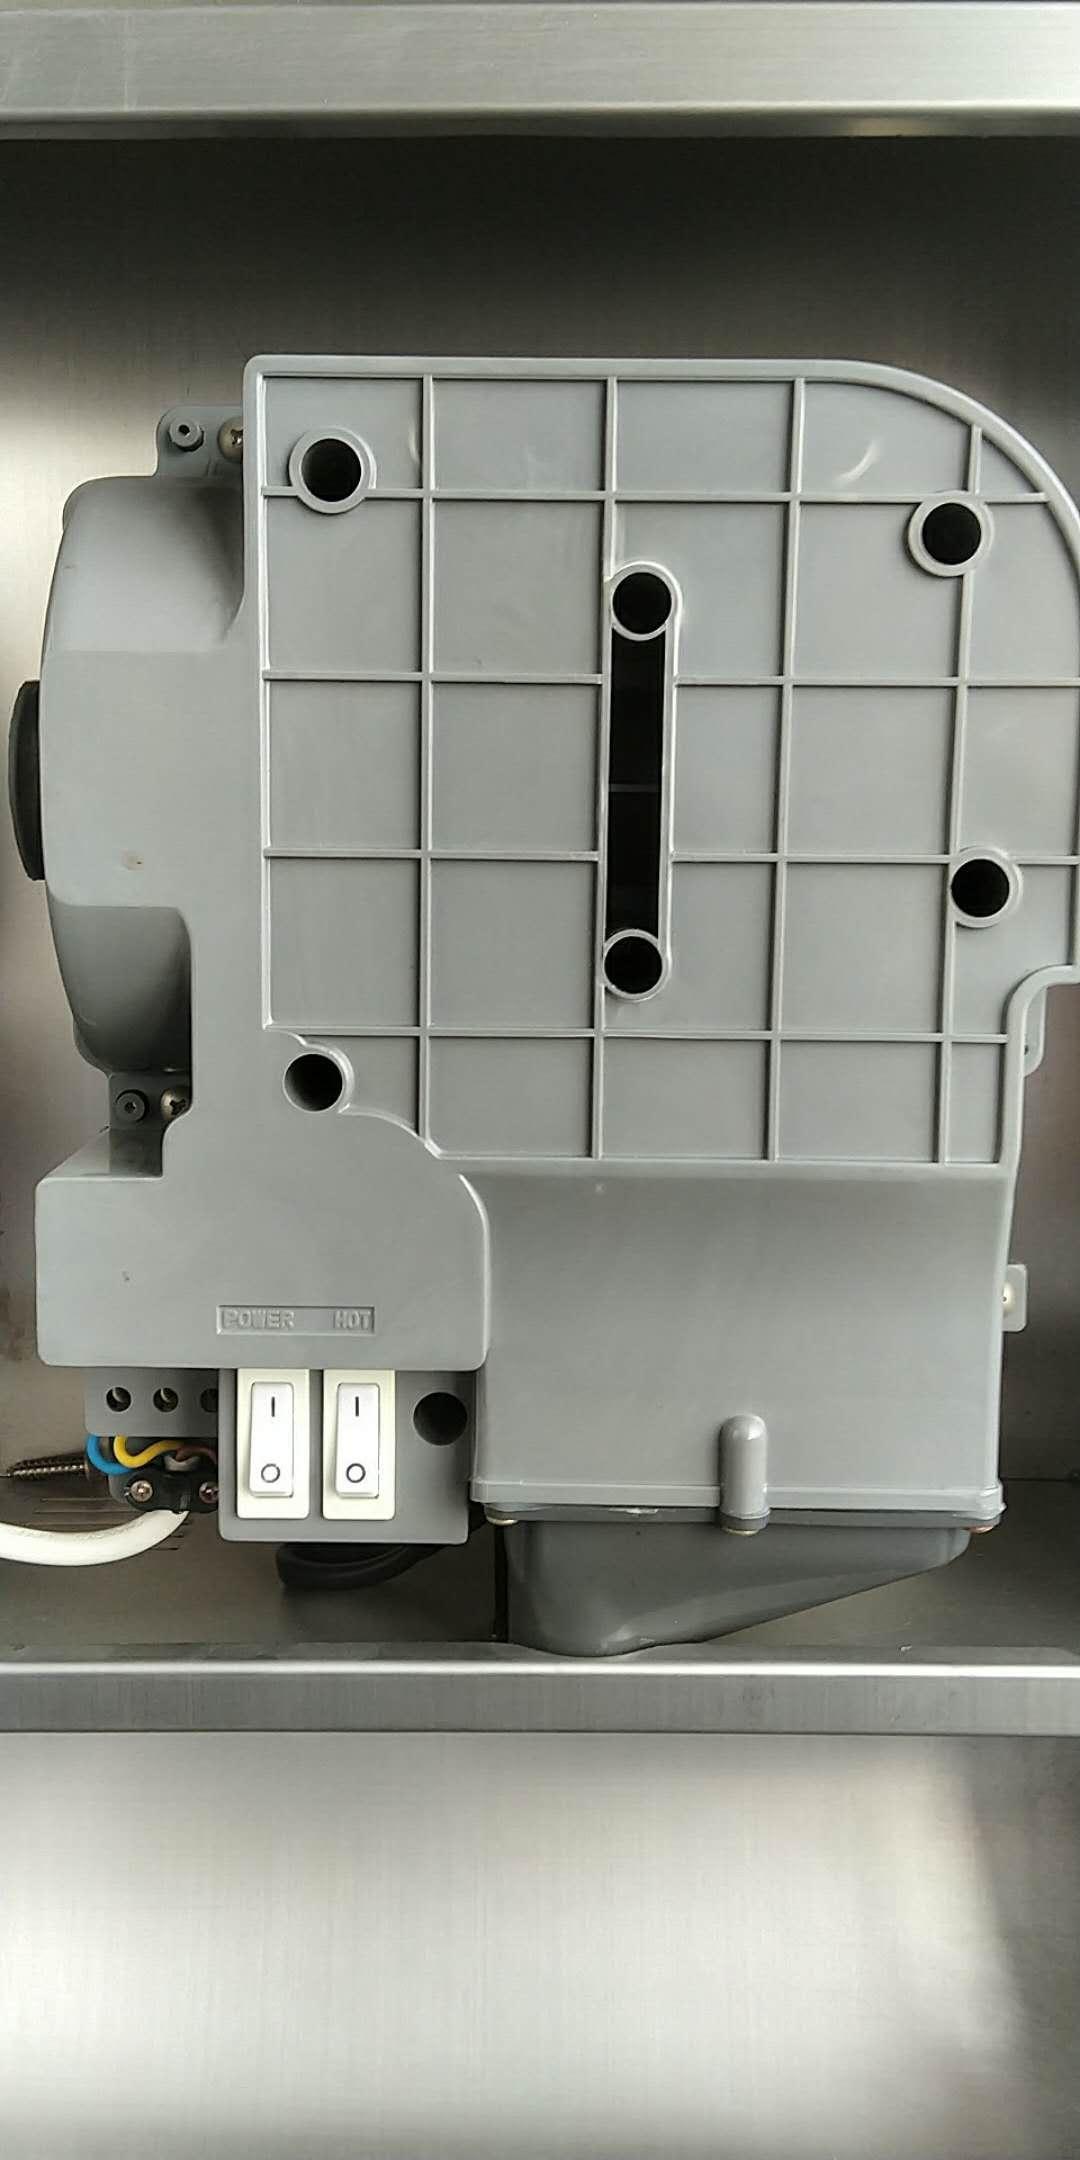 暗藏式干手器 三合一干手组合柜内置干手机 超薄镜后烘手器嵌入式